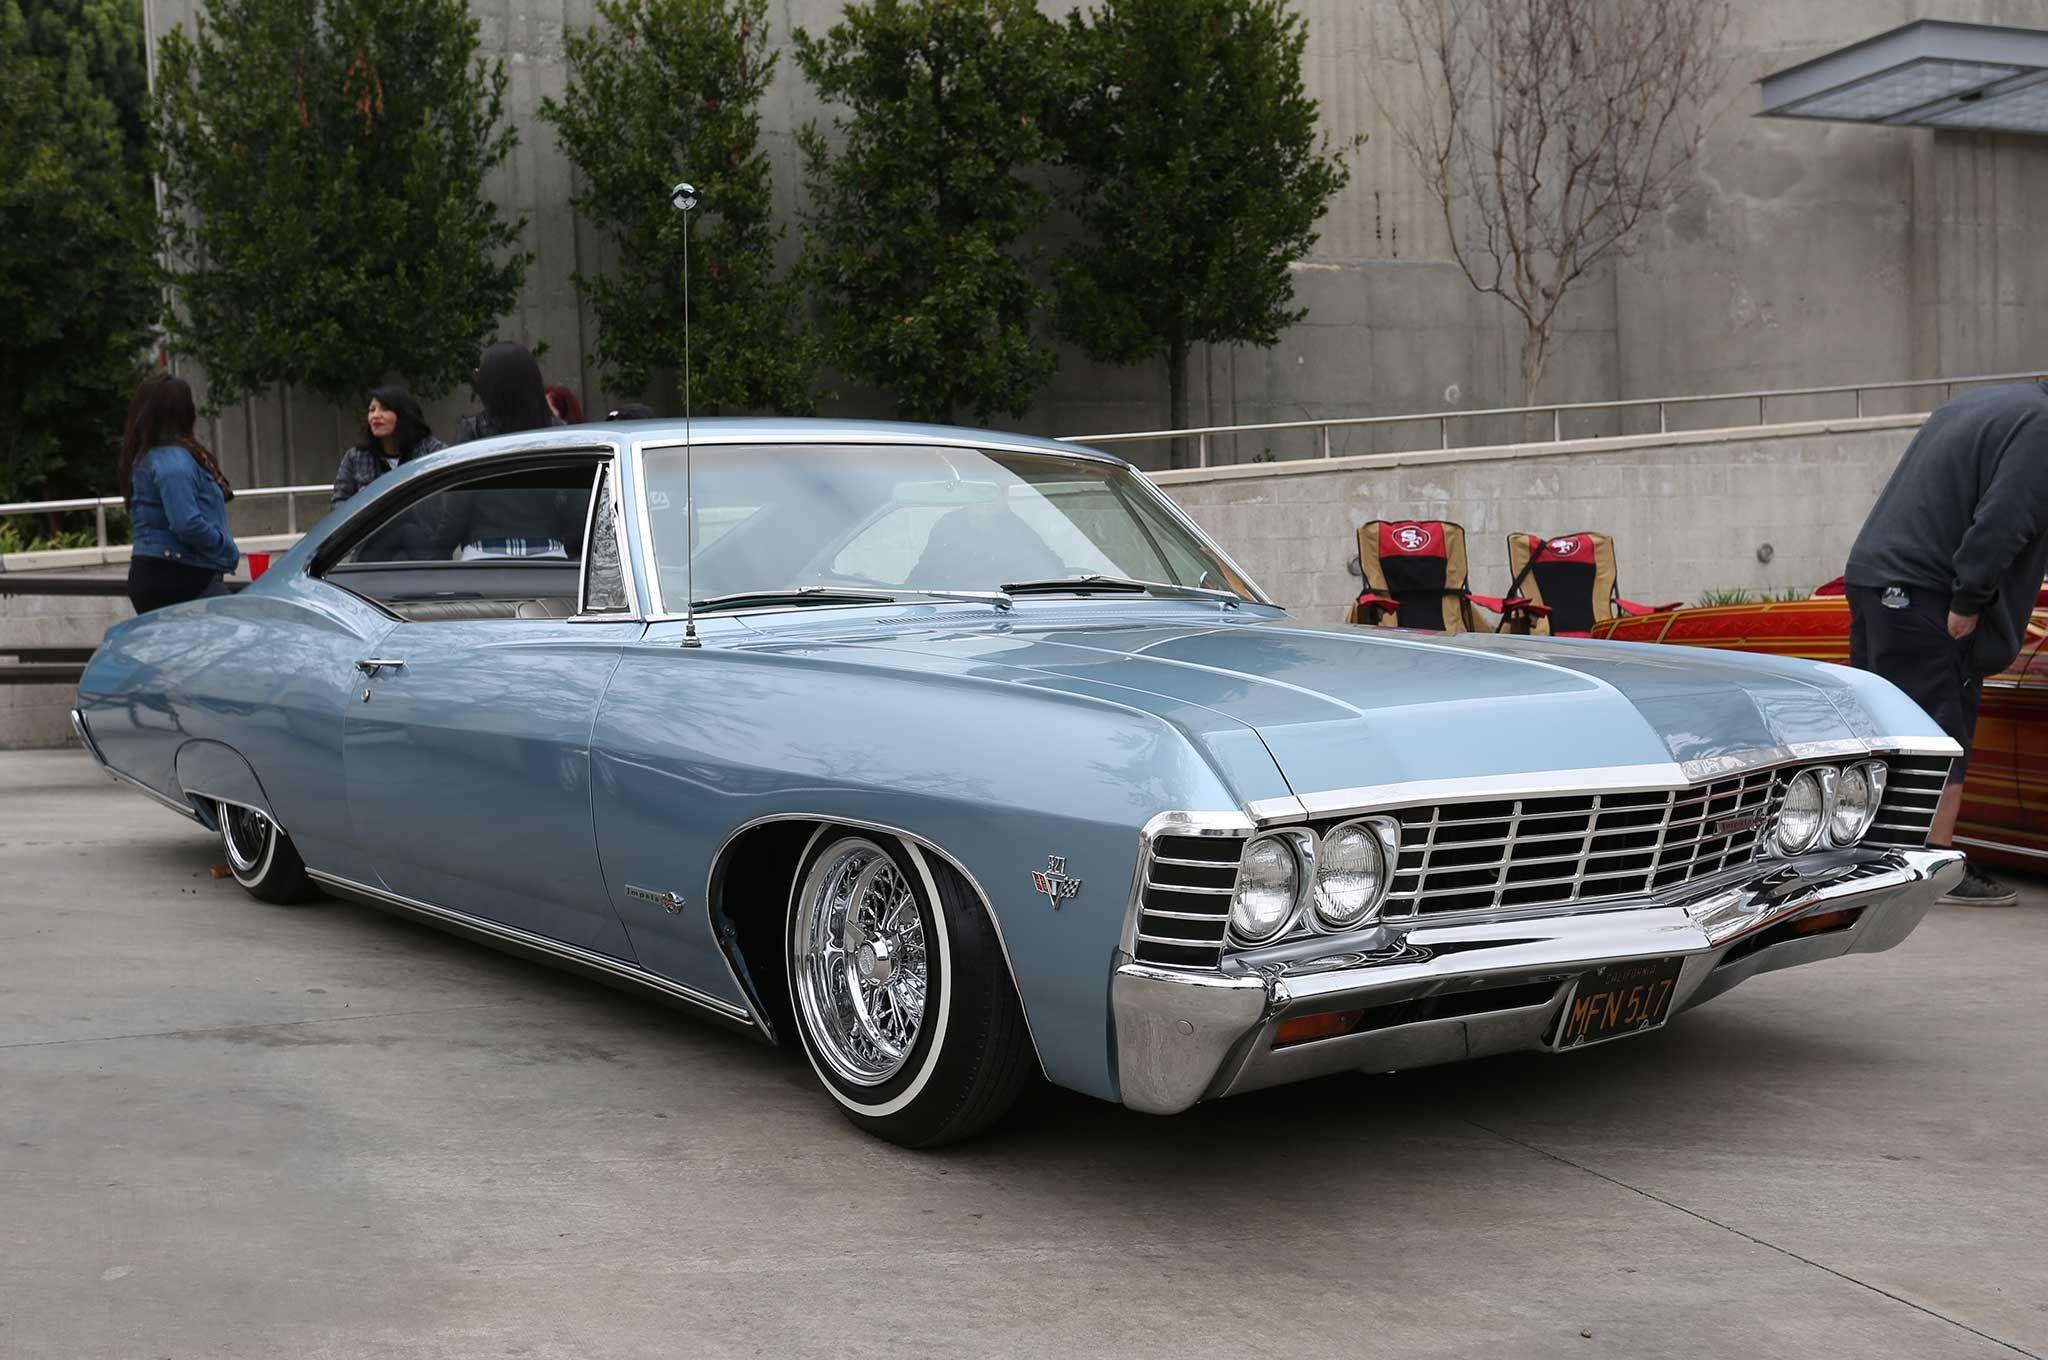 1967 Chevy Impala Chevy Impala 1965 Chevy Impala Chevrolet Impala 1967